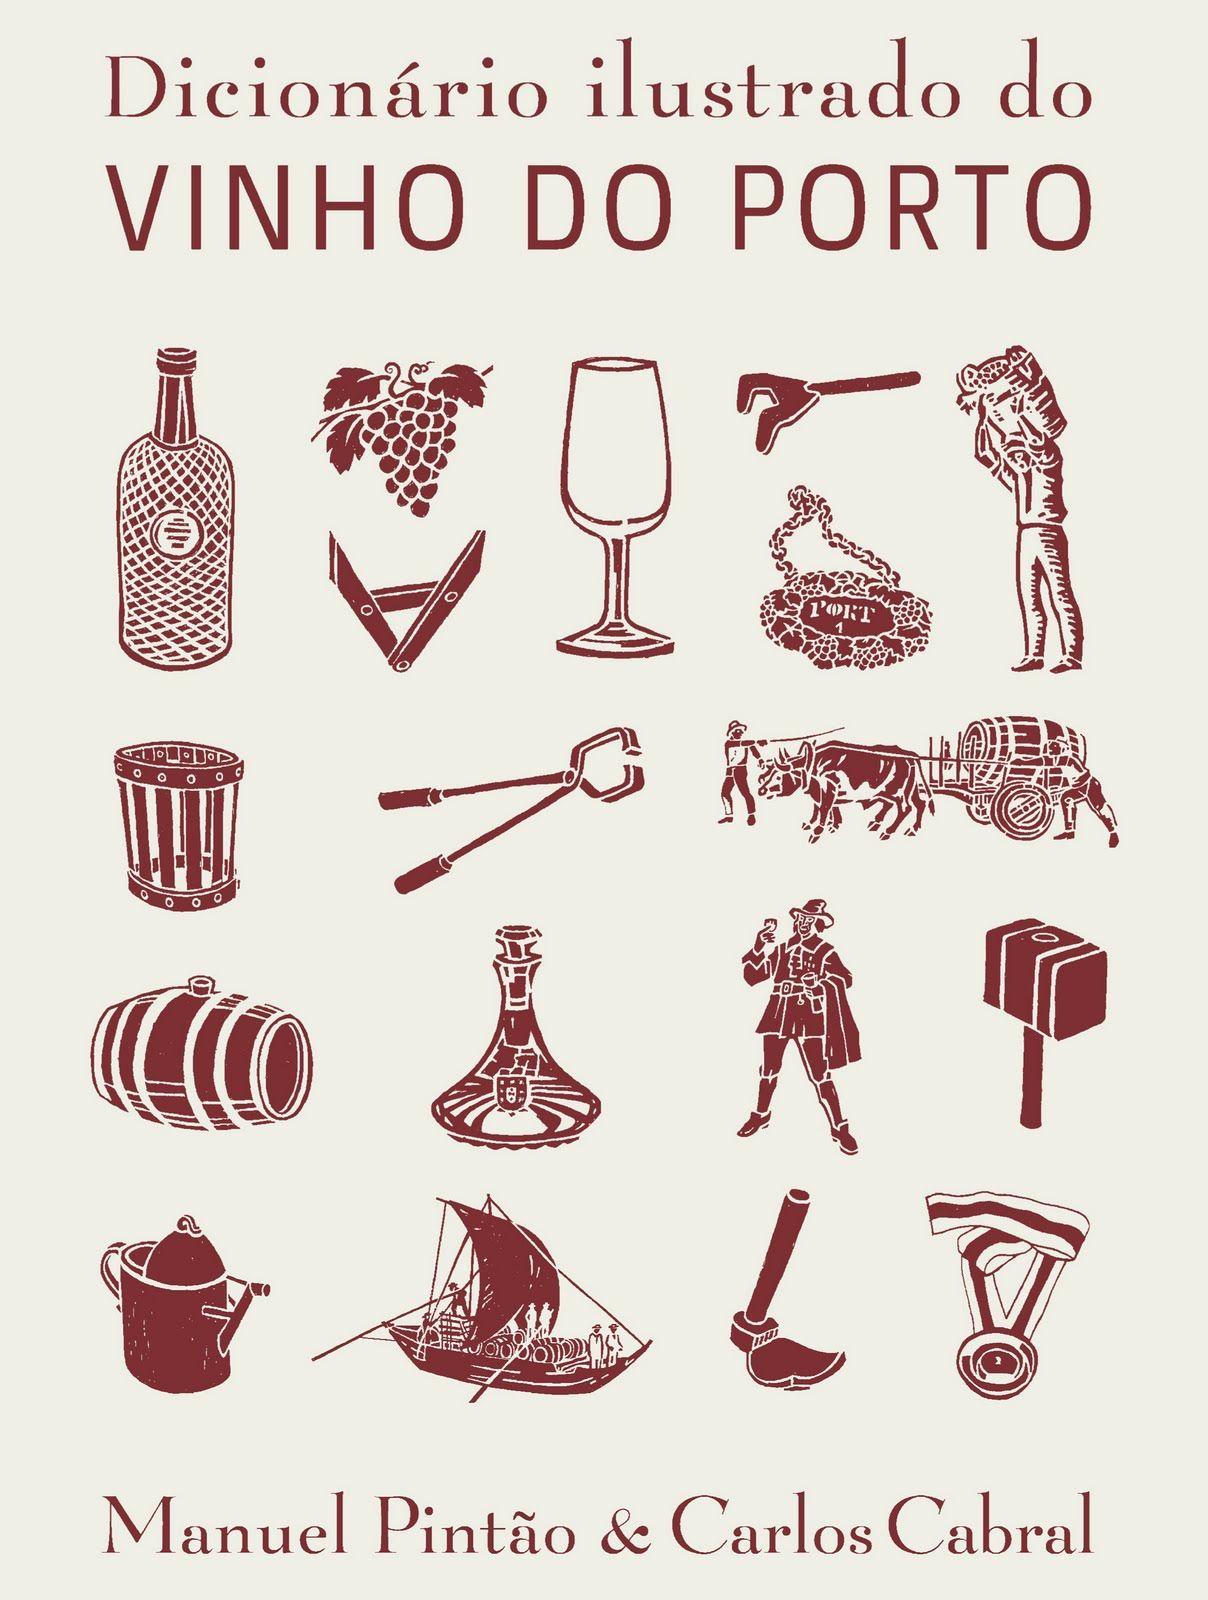 pt-BR - PINTÃO, Manuel; CABRAL, Carlos - Dicionário Ilustrado do Vinho do Porto. Editora de Cultura. http://www.editoradecultura.com.br/index.php | Img @ Gourmet Brasília. http://bit.ly/DicionárioIlustradoDoVinhoDoPorto